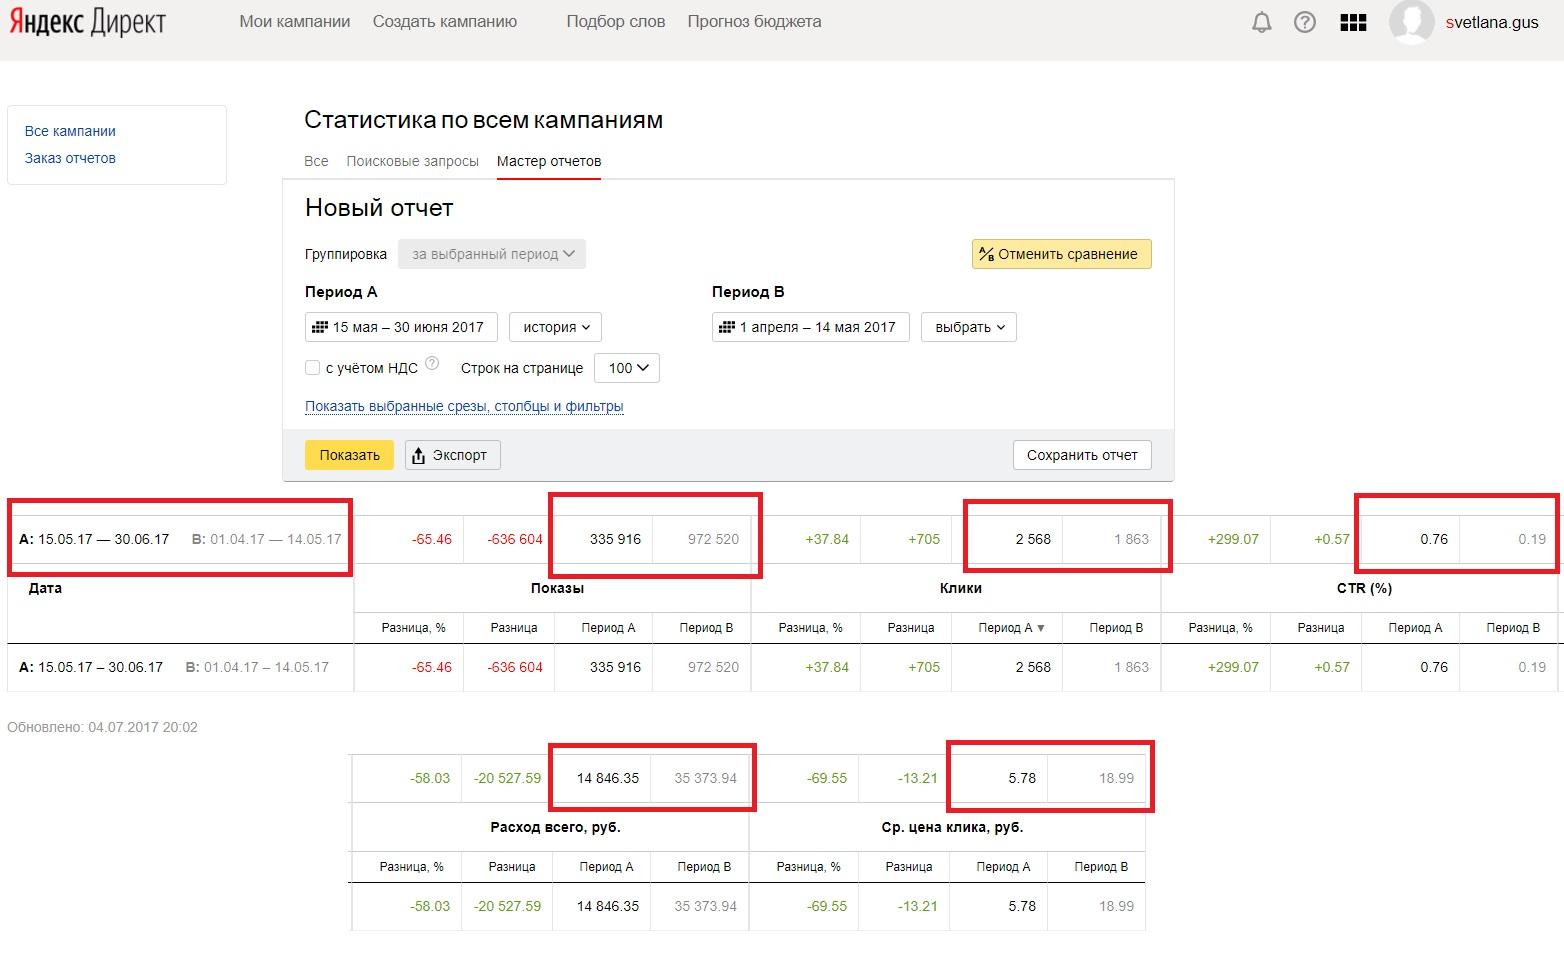 Оптимизация рекламной компании в Яндекс - статистика результатов